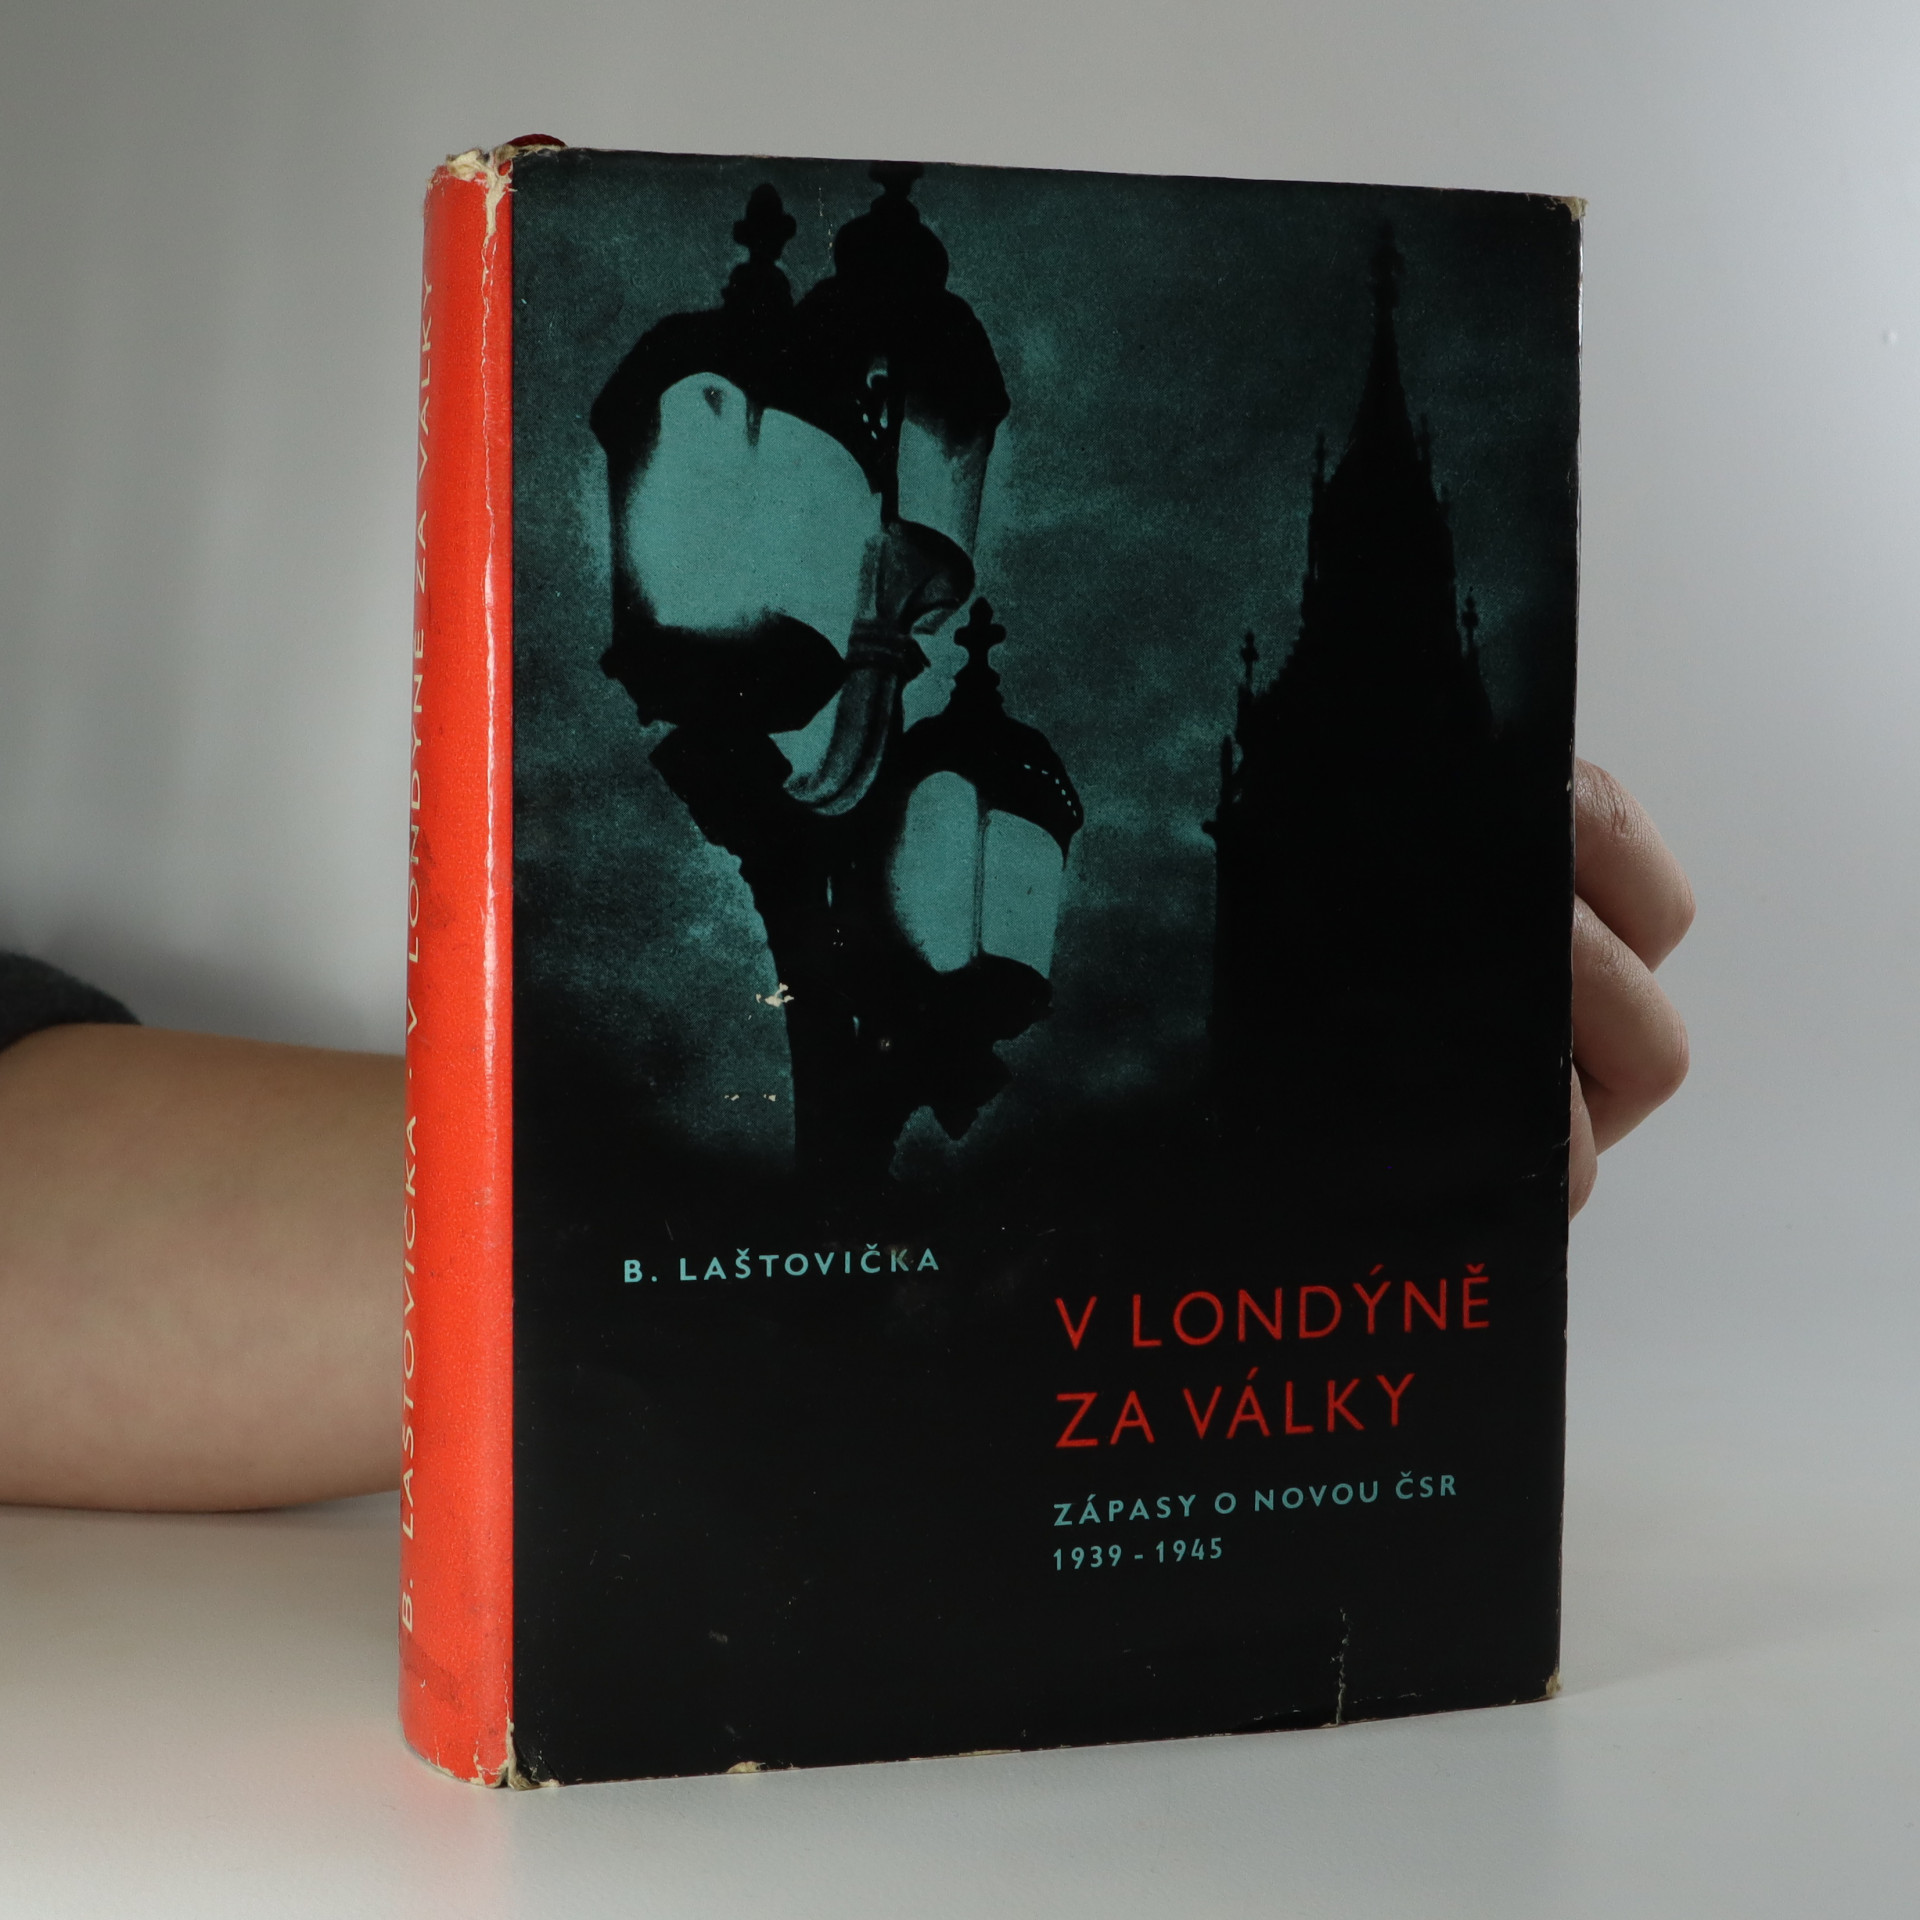 antikvární kniha V Londýně za války. Zápasy o novou ČSR 1939-1945, 1961